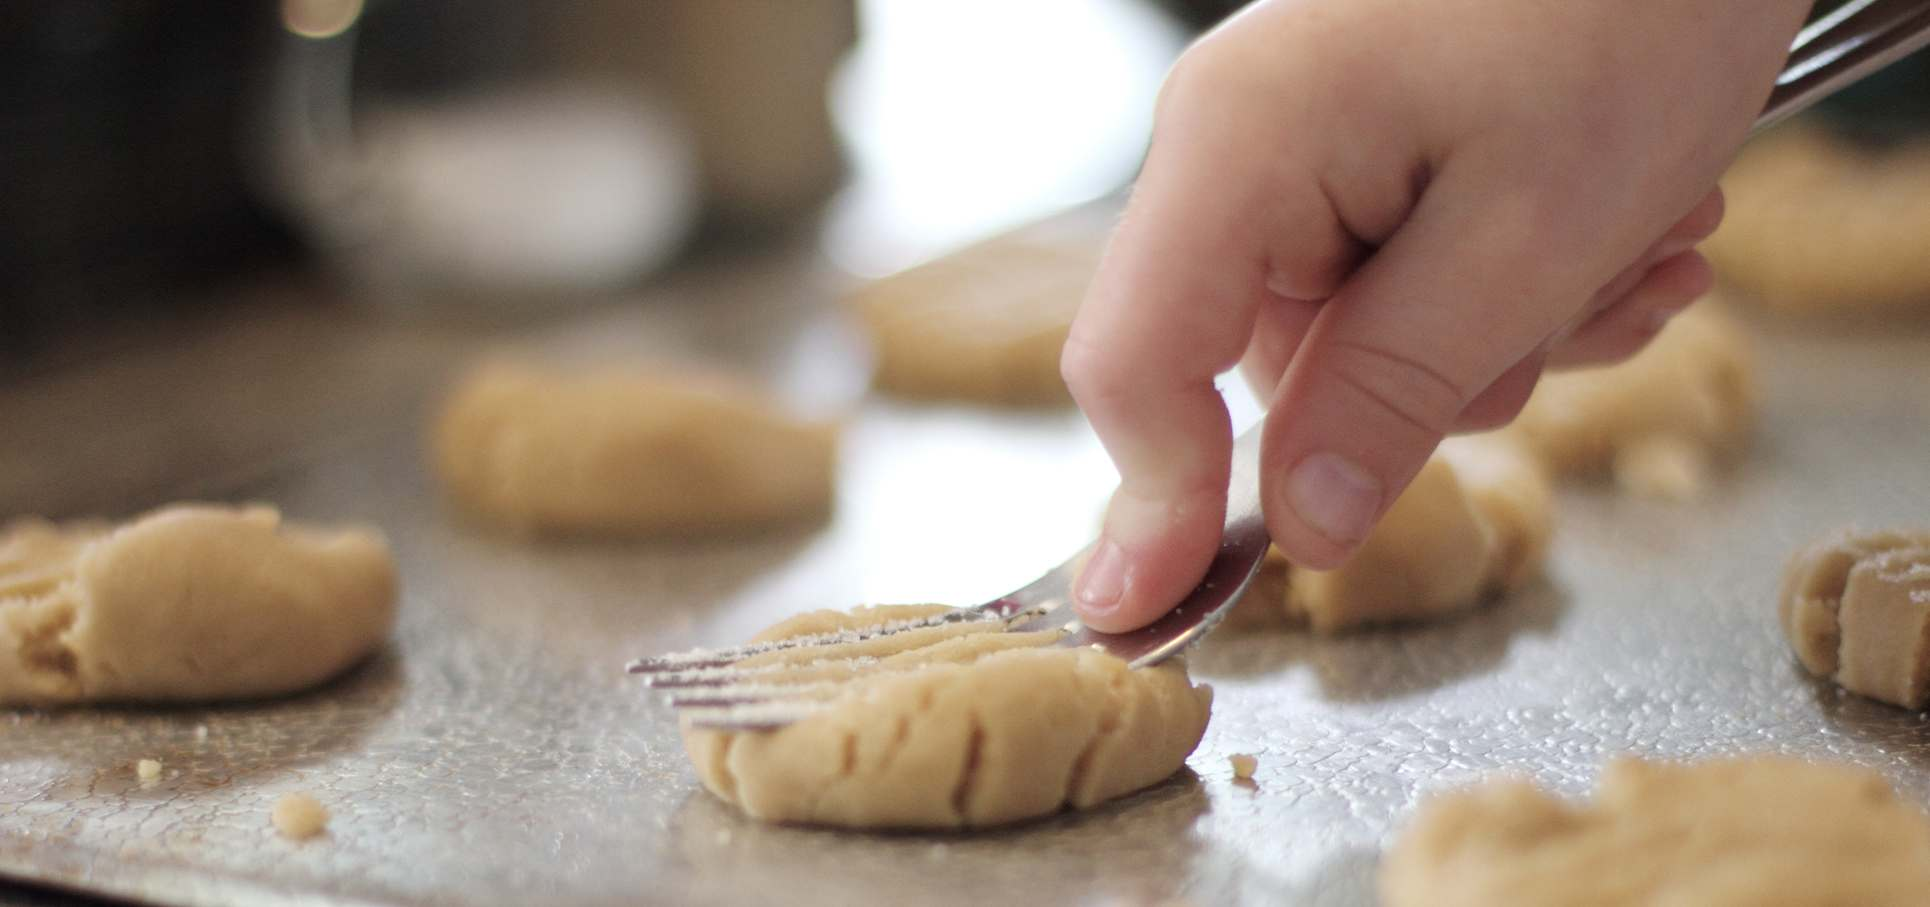 שיעורי בישול בבתי ספר